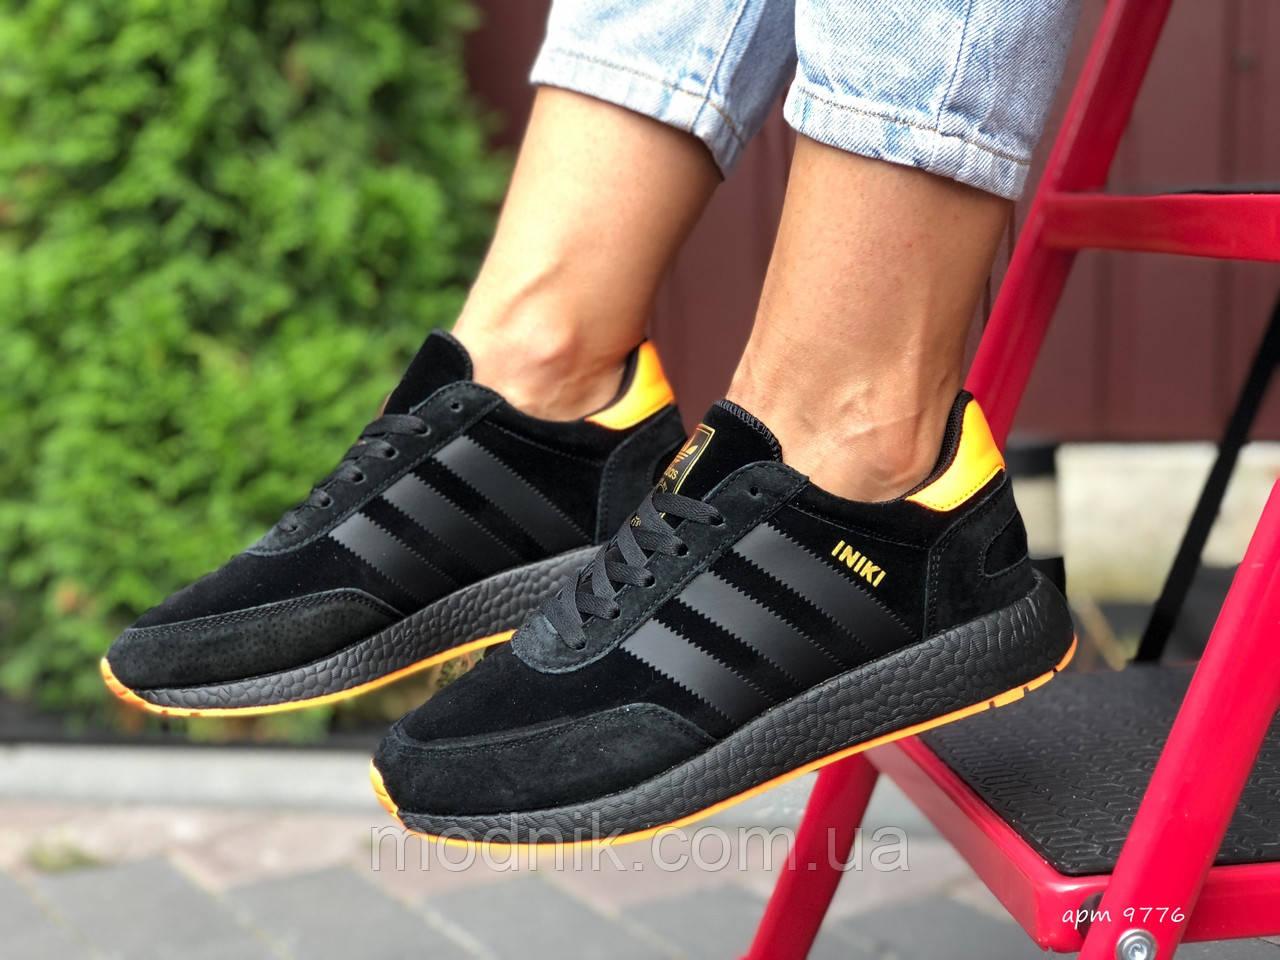 Женские кроссовки Adidas Iniki (черно-оранжевые) 9776